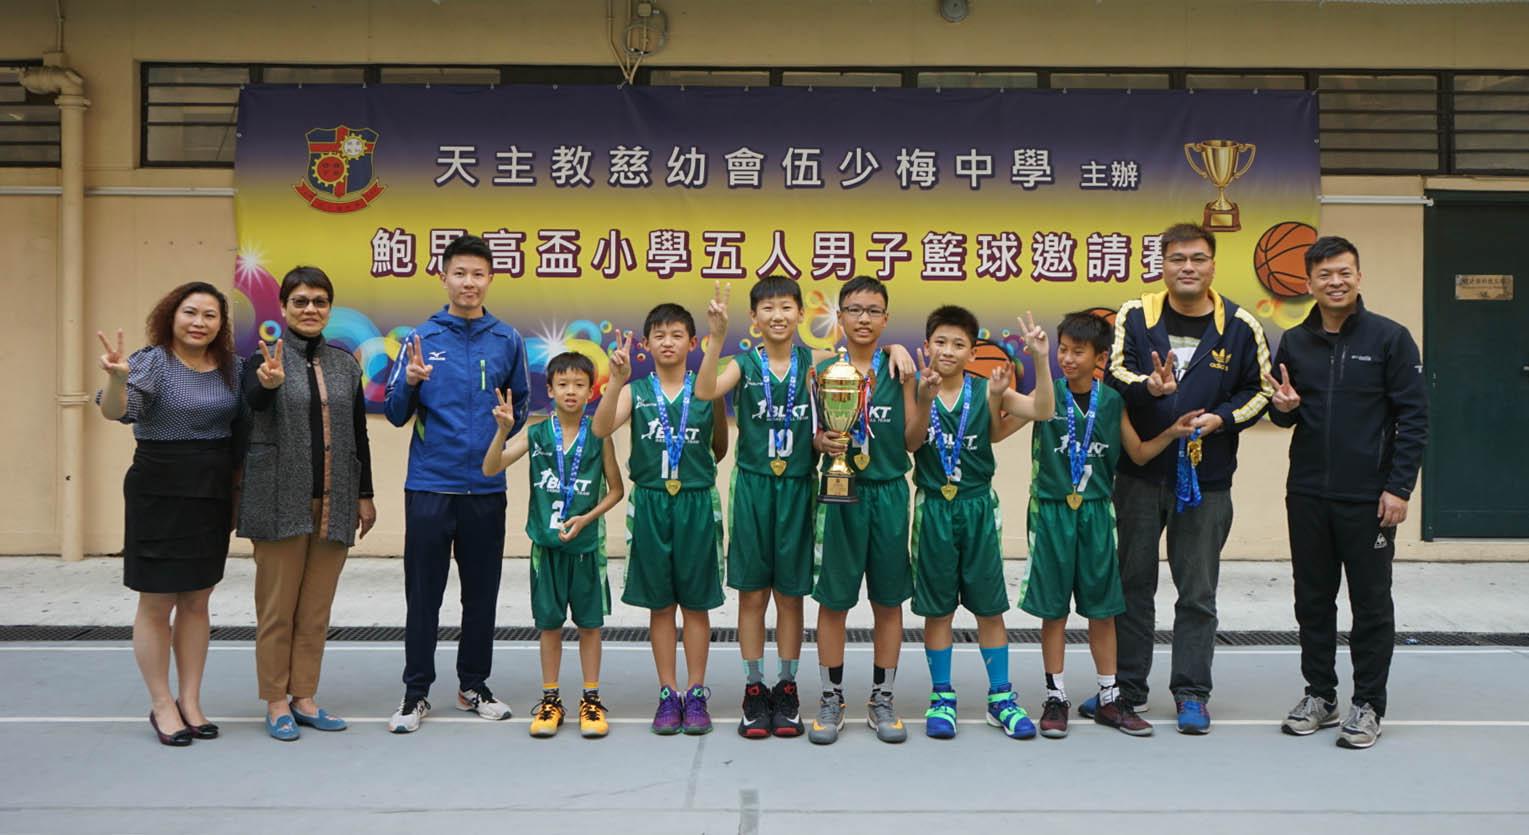 天主教慈幼會伍少梅中學的小學籃球賽相片23